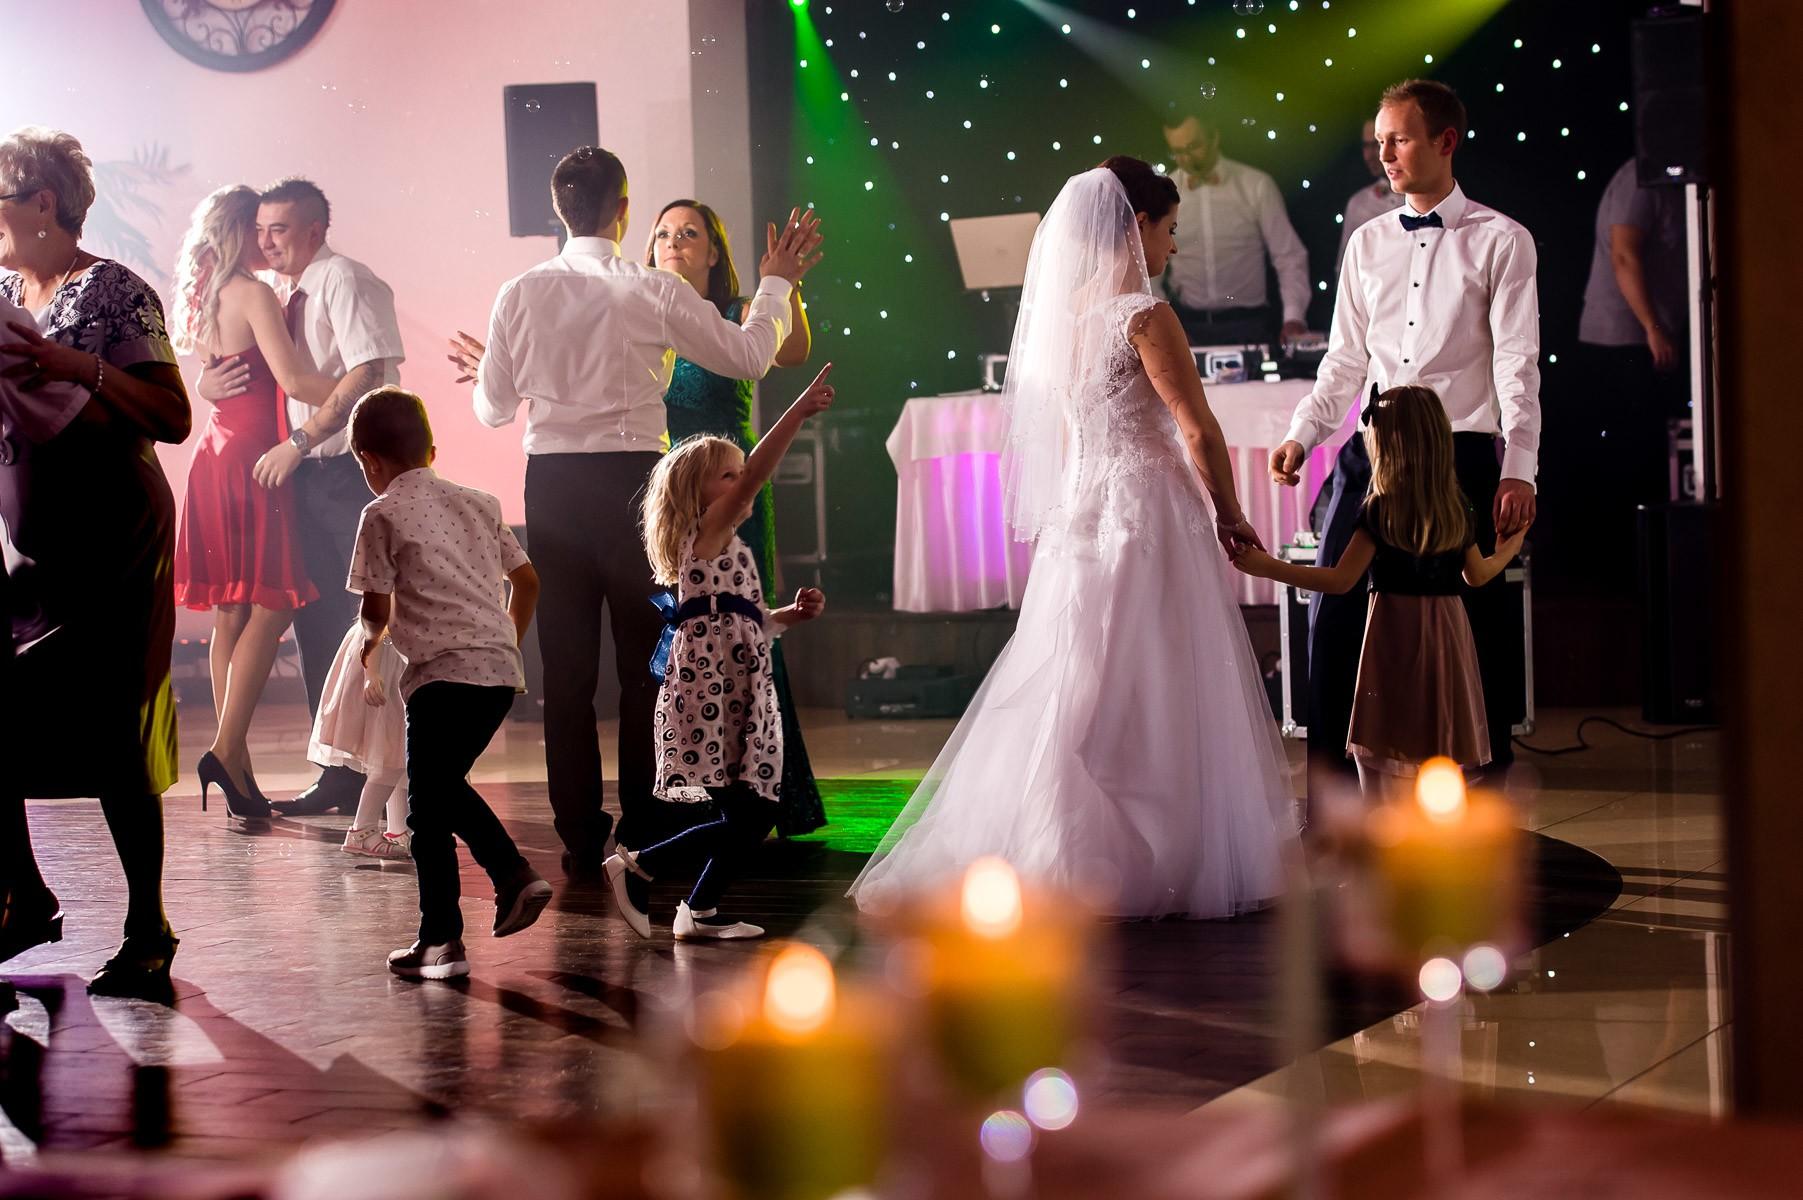 piękne zdjęcia z wesela śląsk